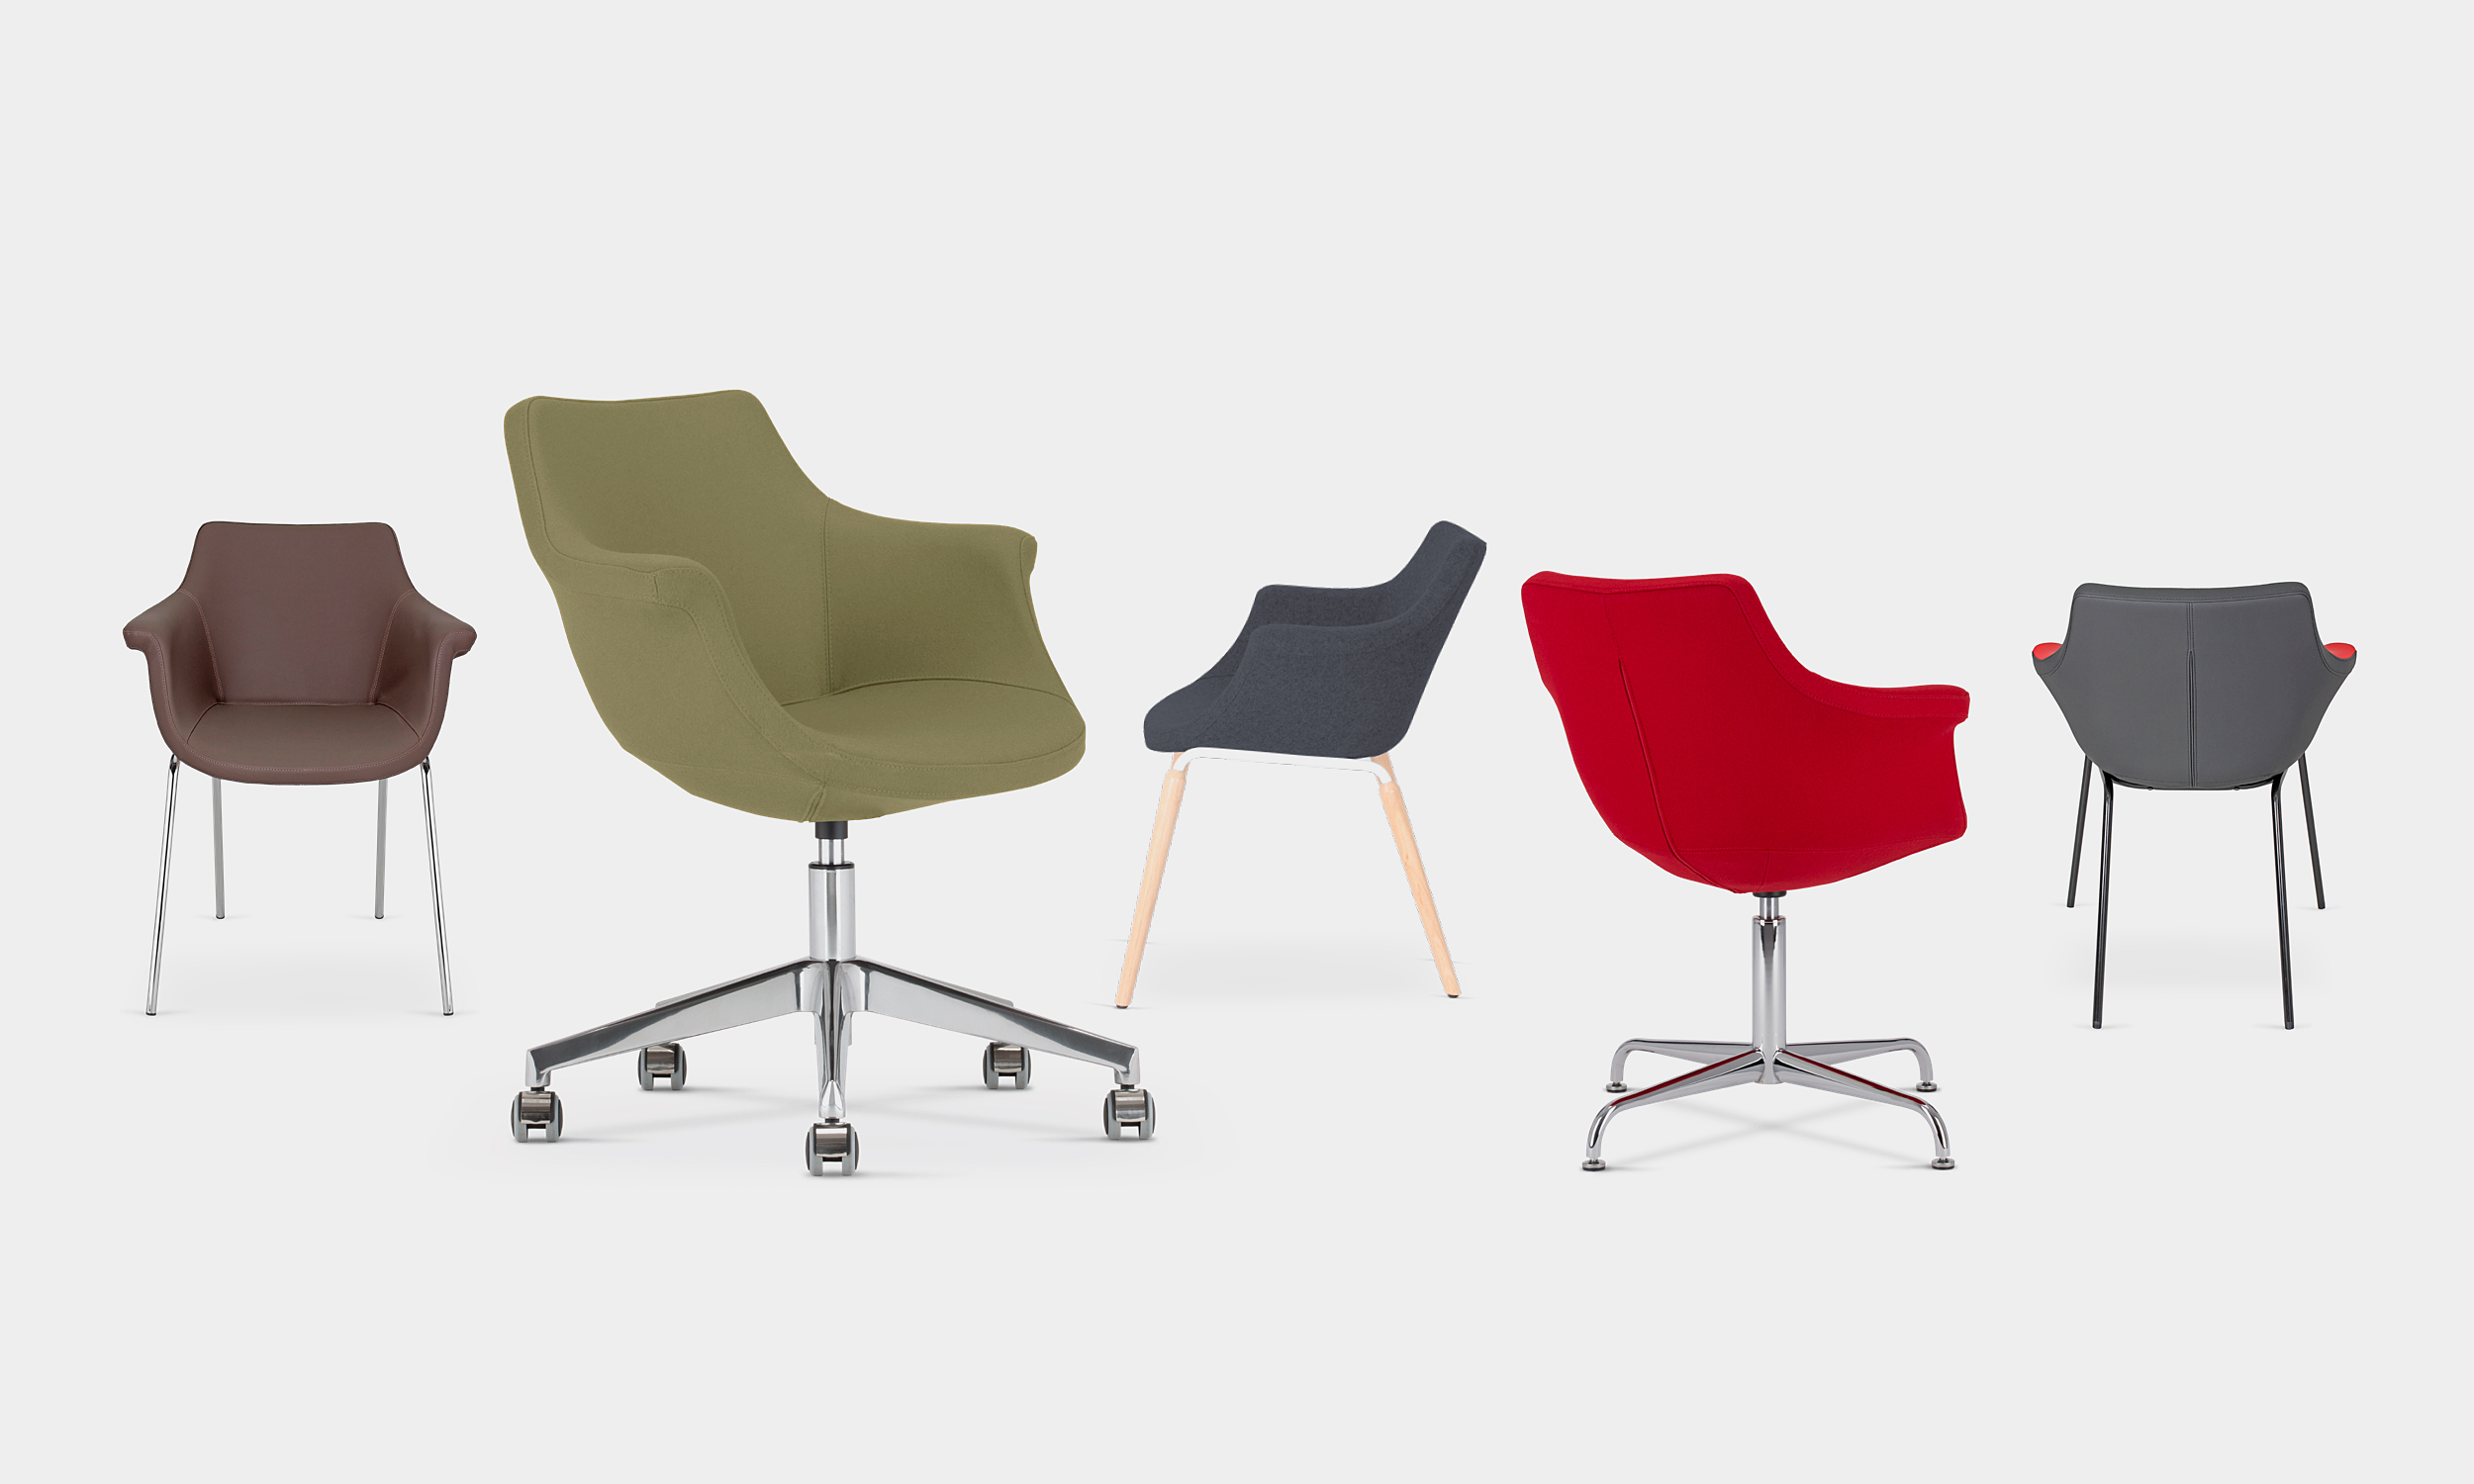 krzesło_Kaika01